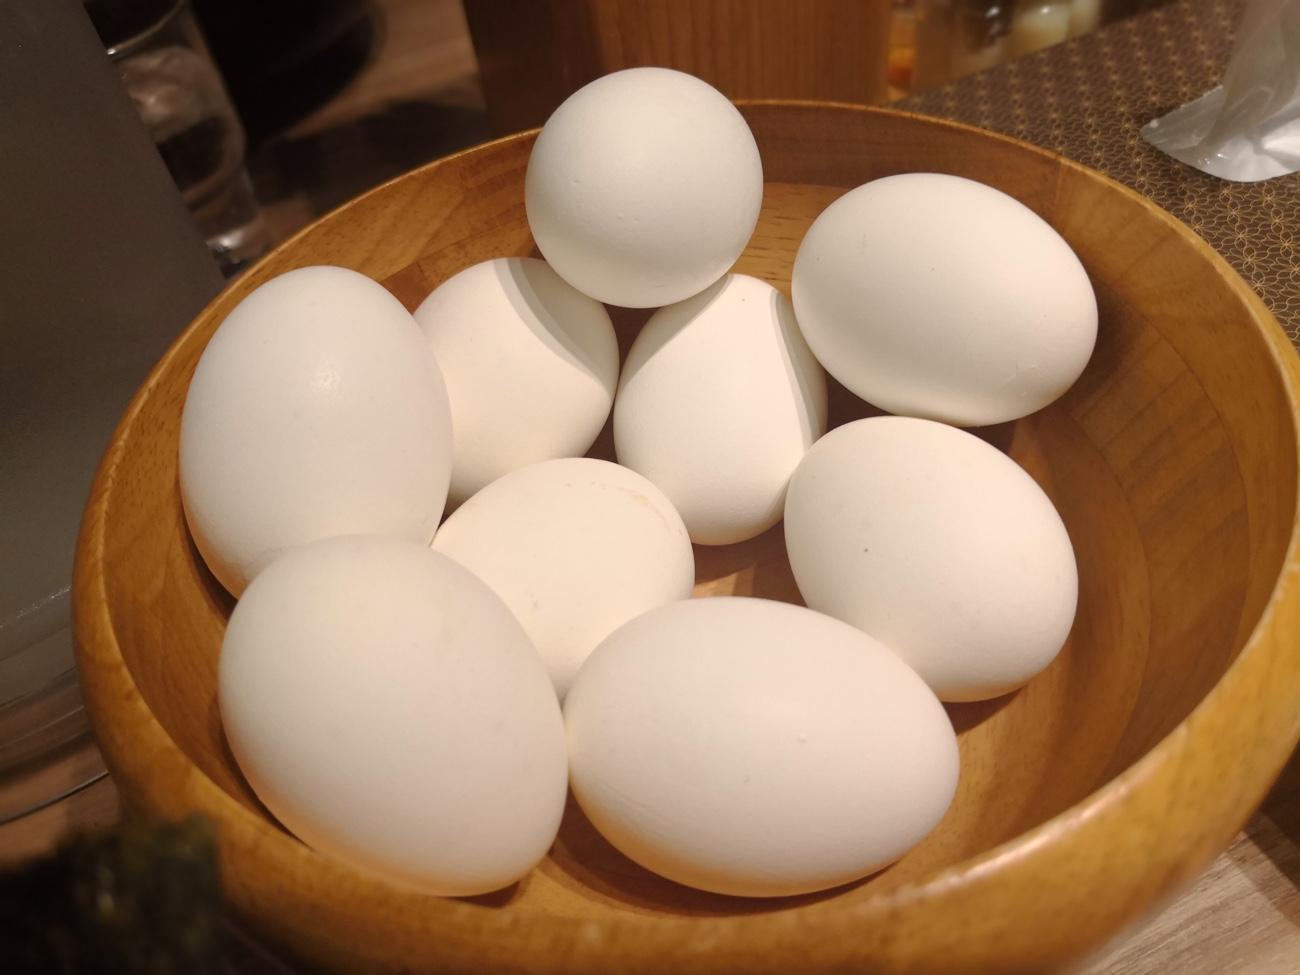 ゆで卵食べ放題 新千歳空港ラーメン道場 白樺山荘